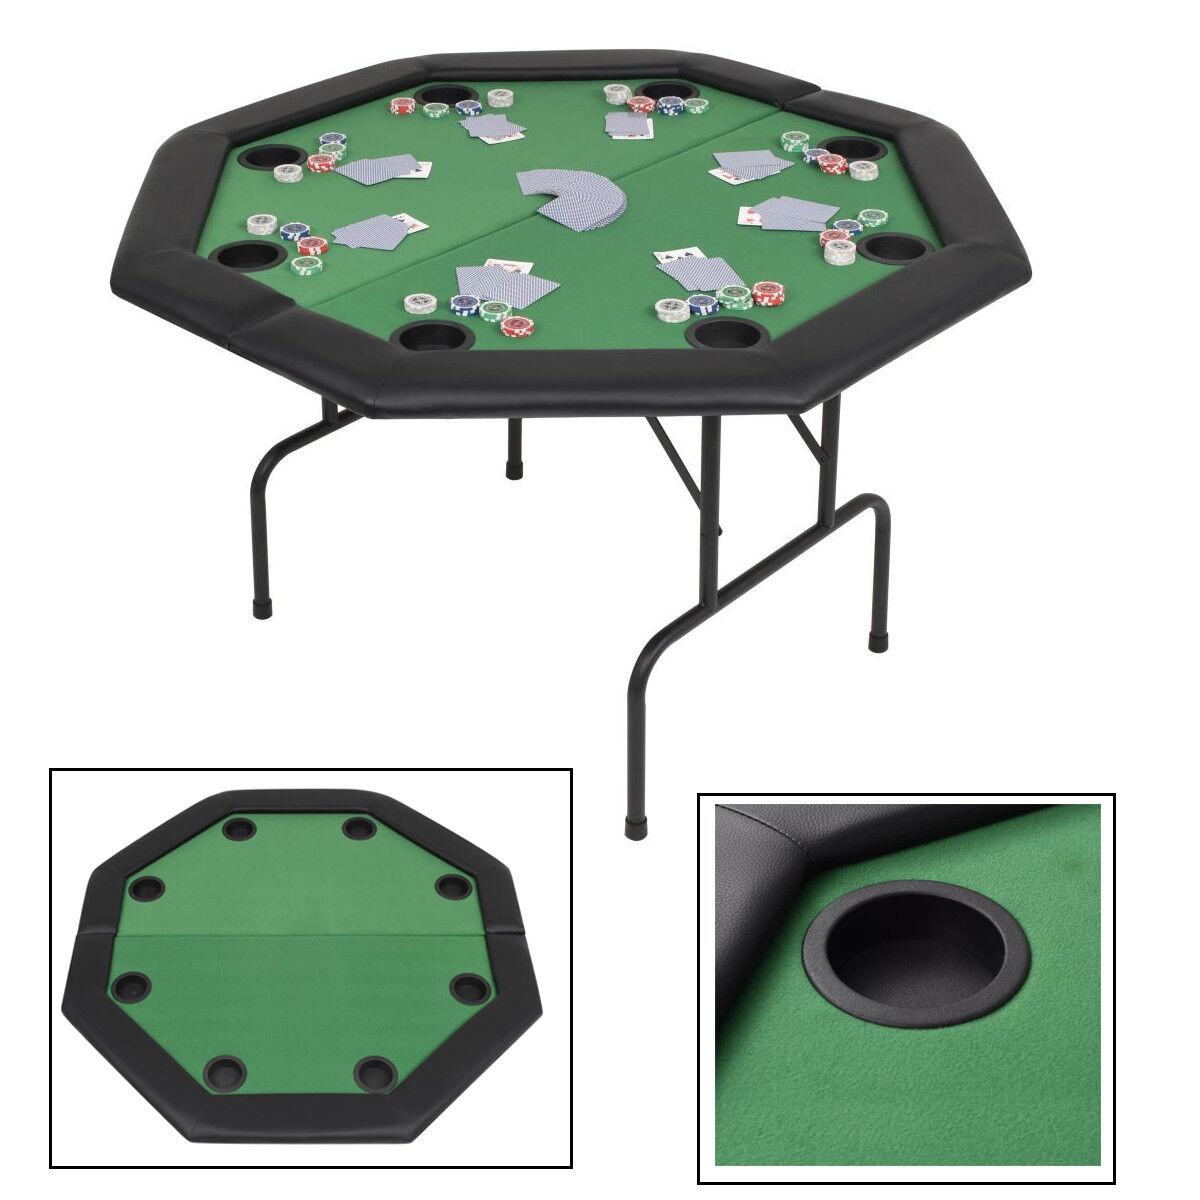 Pokertisch Pokertable Casino Poker Tisch Getränkehalter 8-Spieler Poker Grün